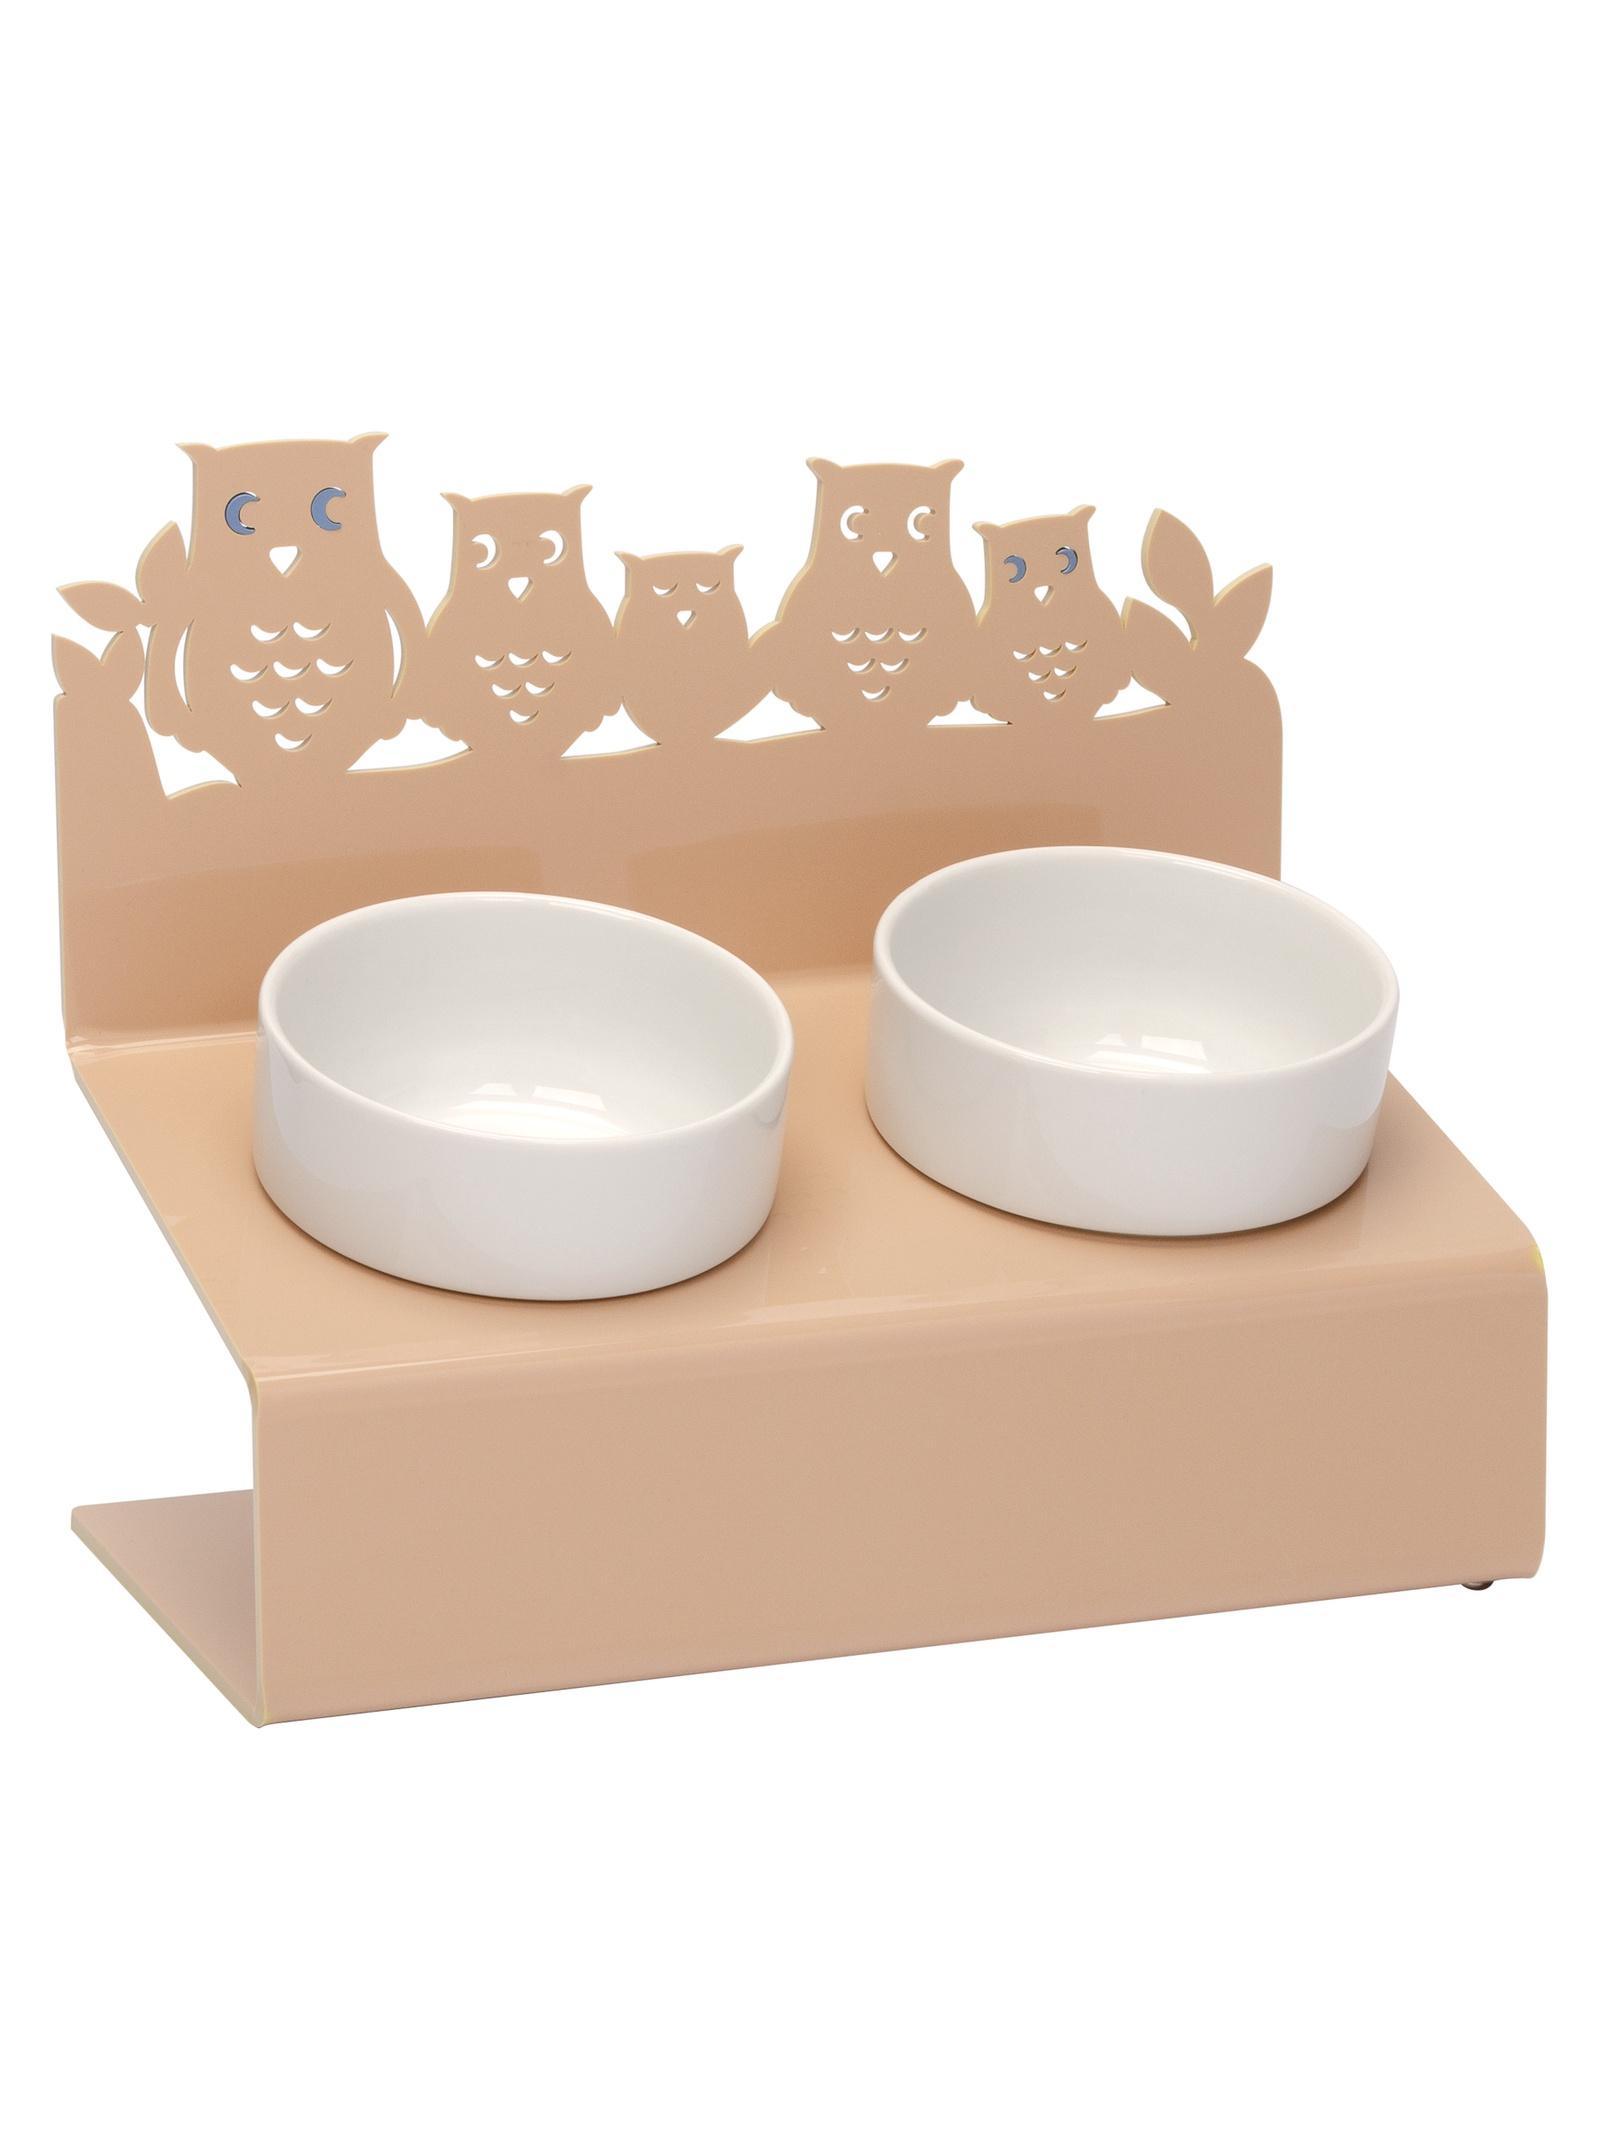 Миска для животных Artmiska Совы двойная XS, кремовый миска artmiska совы двойная на подставке для животных 2 х 360 мл коричневый